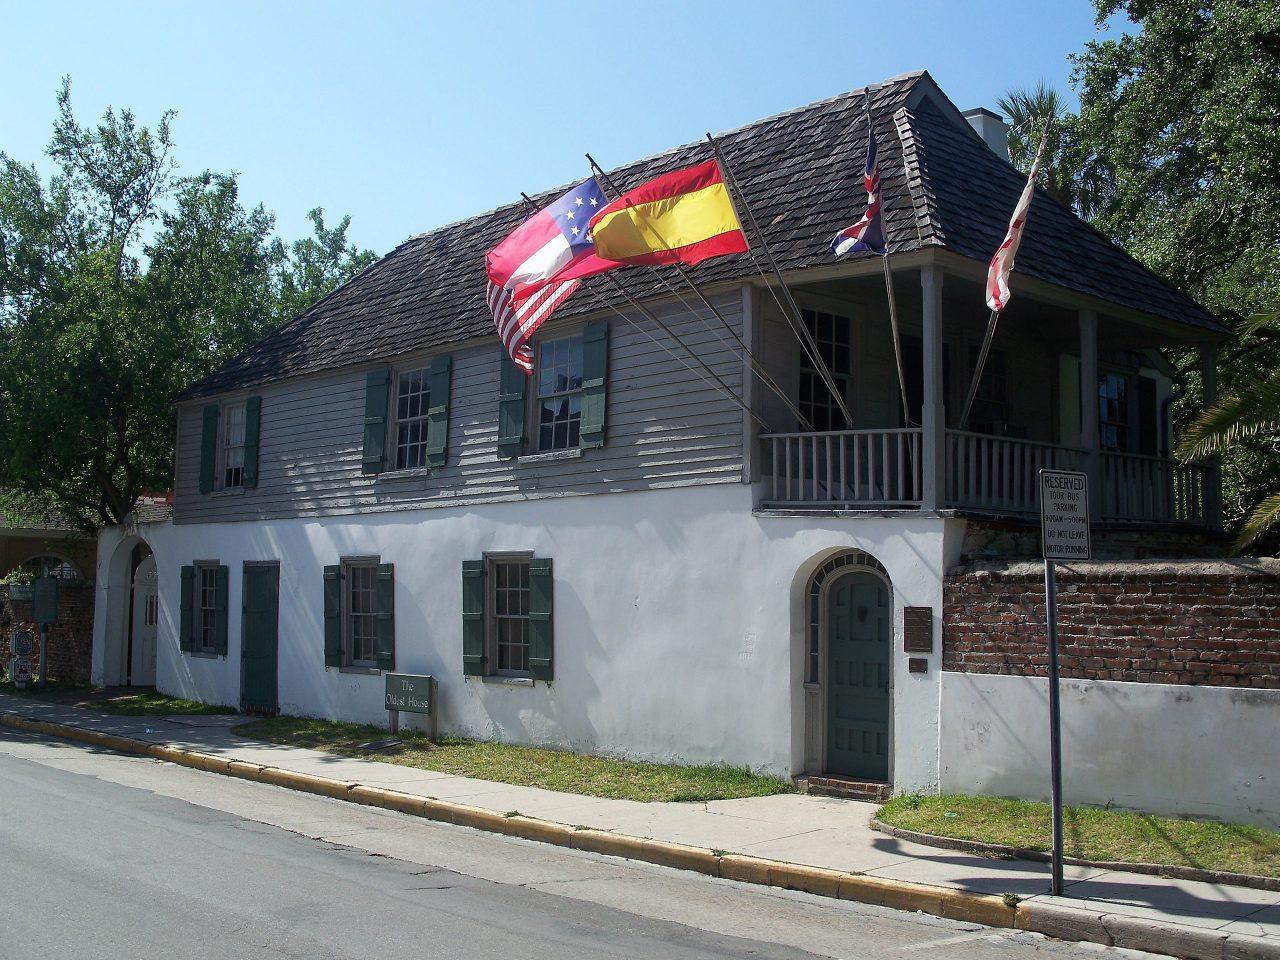 gonzalez-alvarez house st augustine by Ebyabe via wikimedia